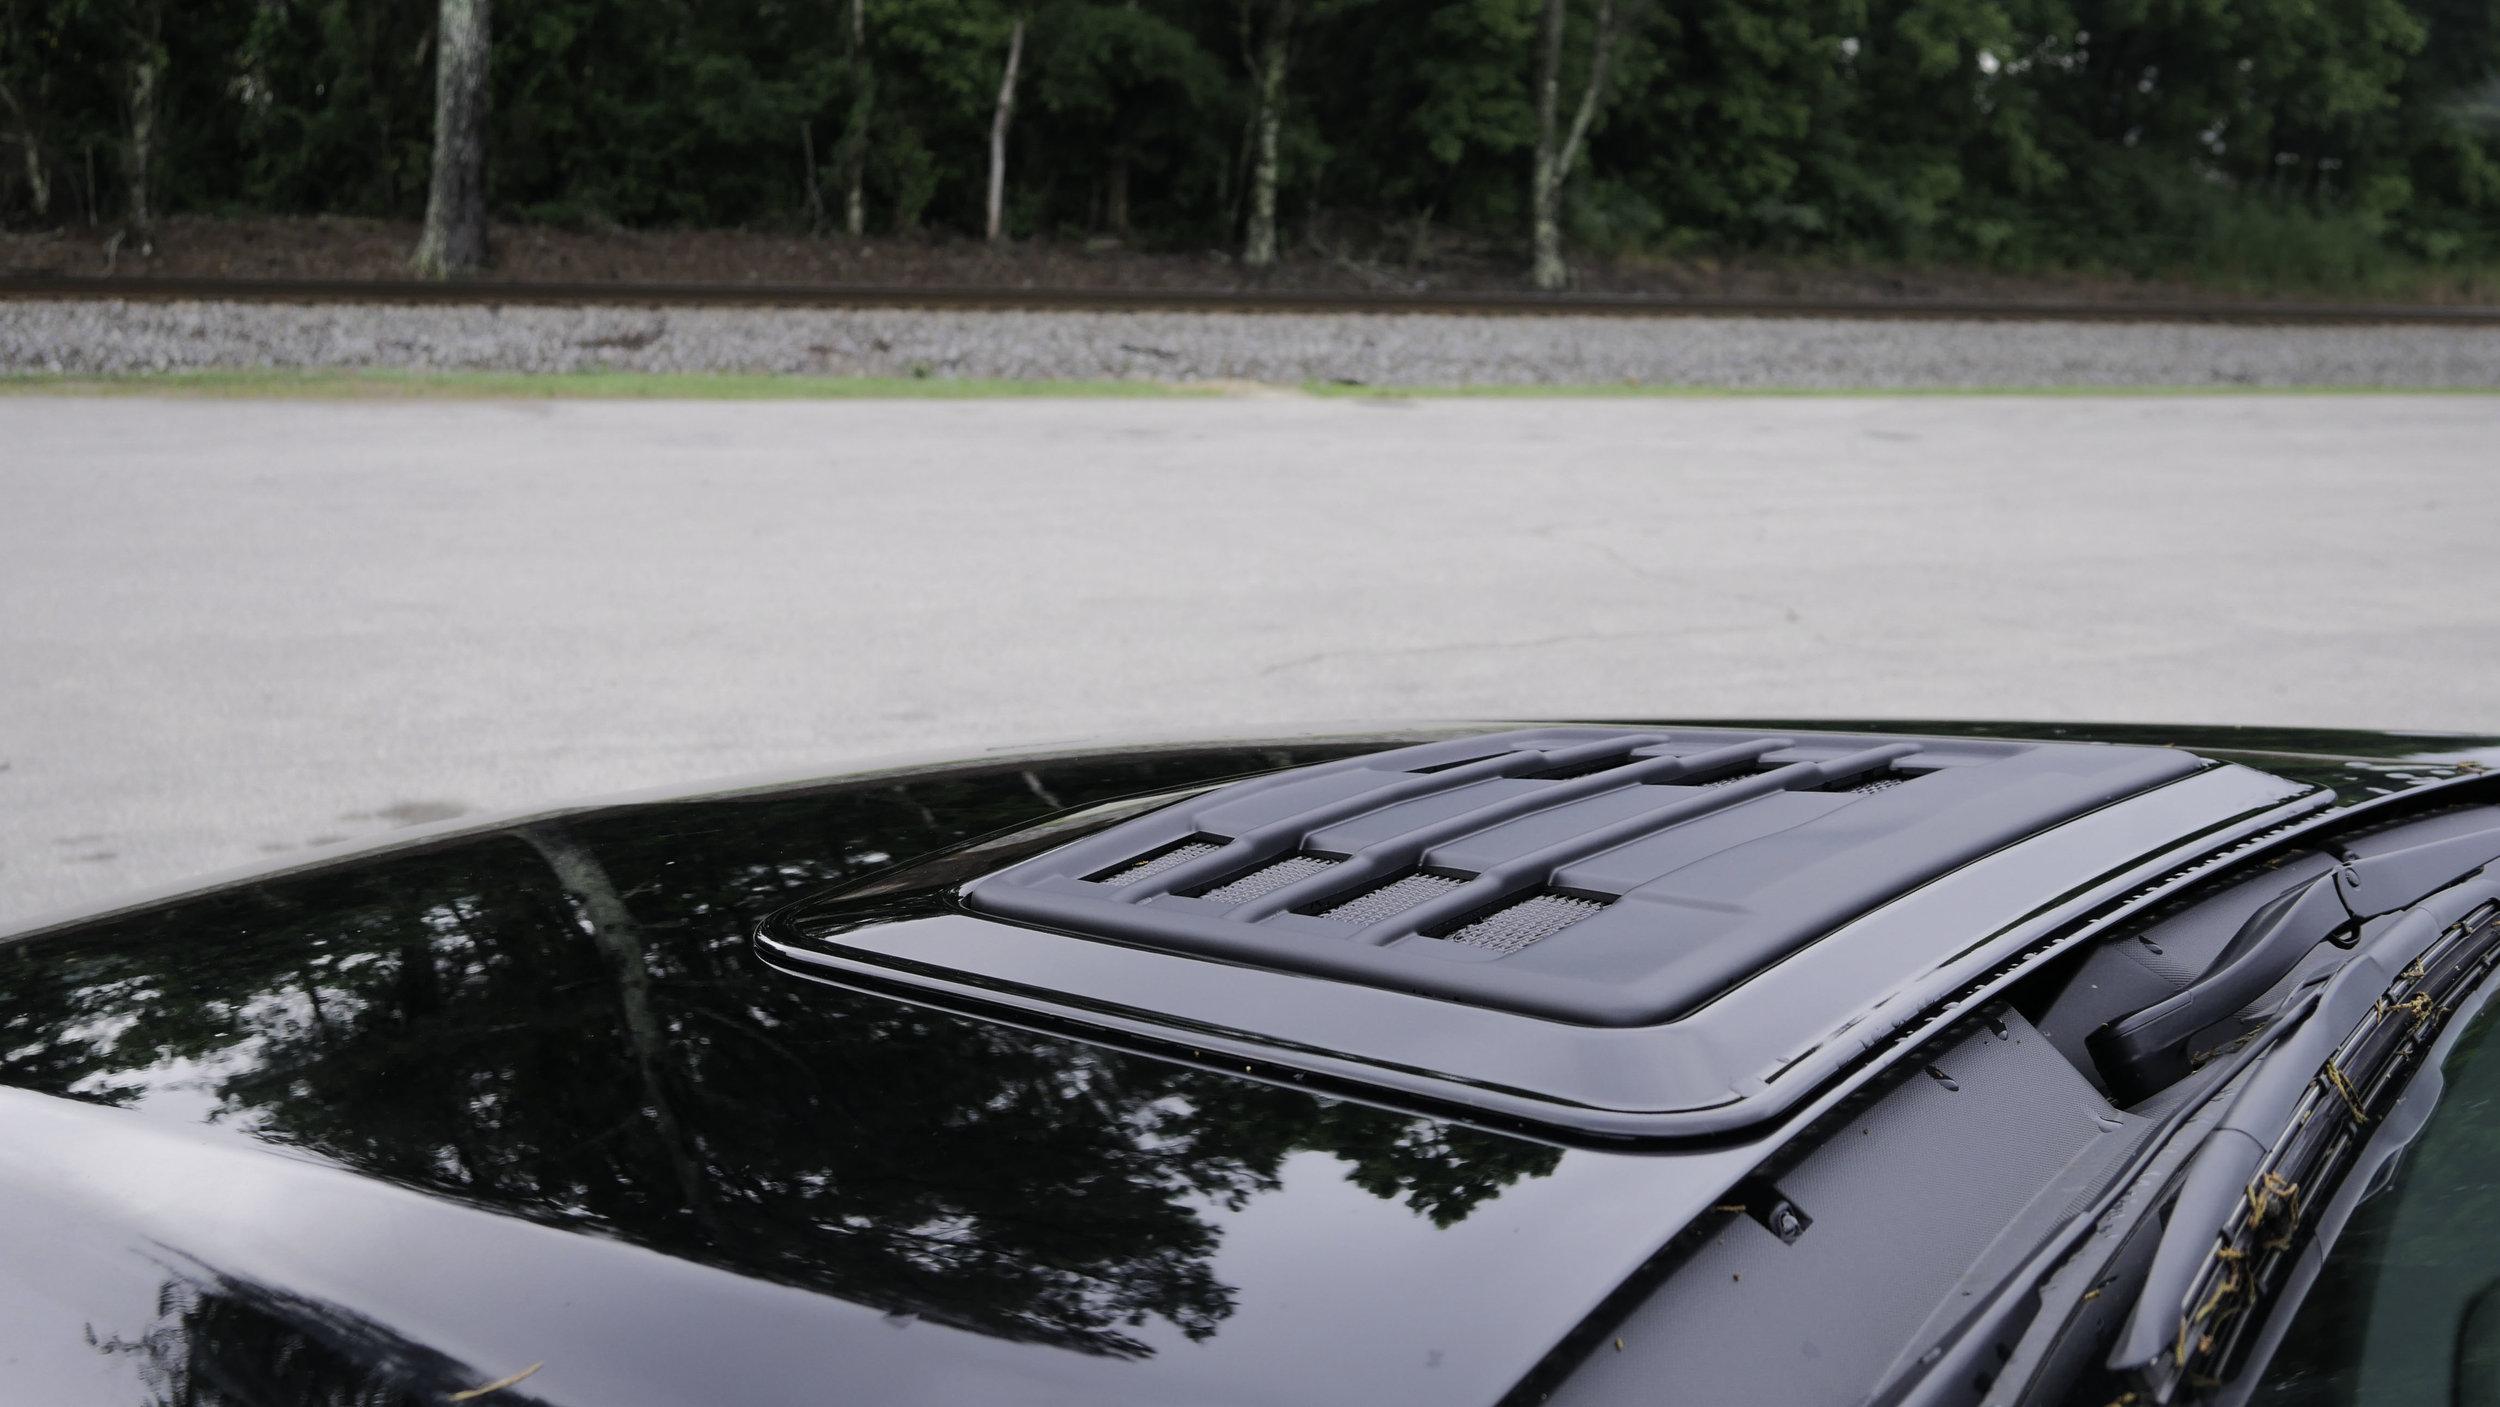 Chevy Tahoe BW Hood Scoop Back.jpg